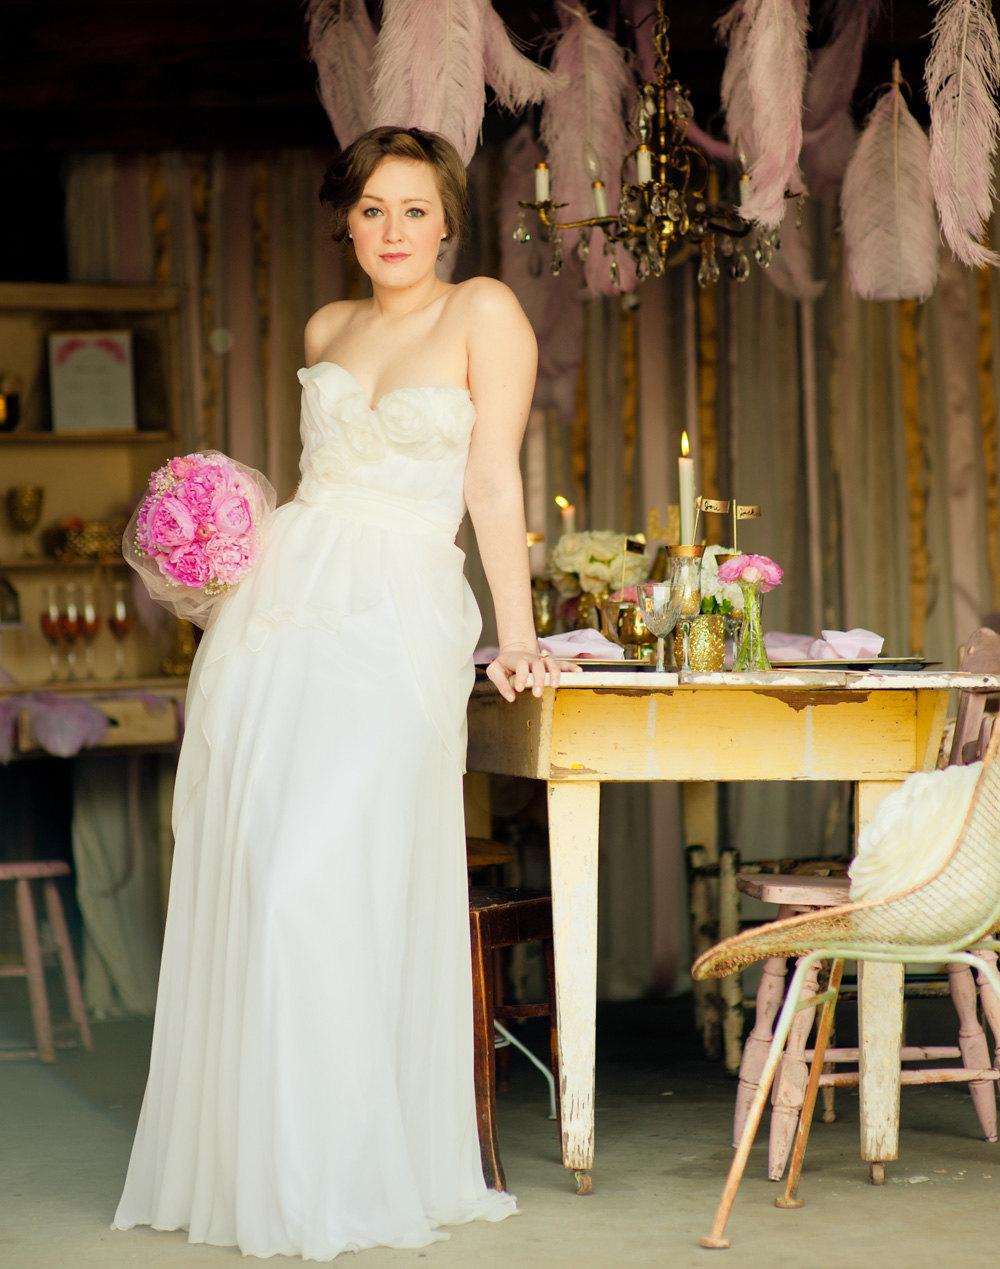 Handmade-wedding-dresses-etsy-bridal-gown-pocket-full-of-roses.full